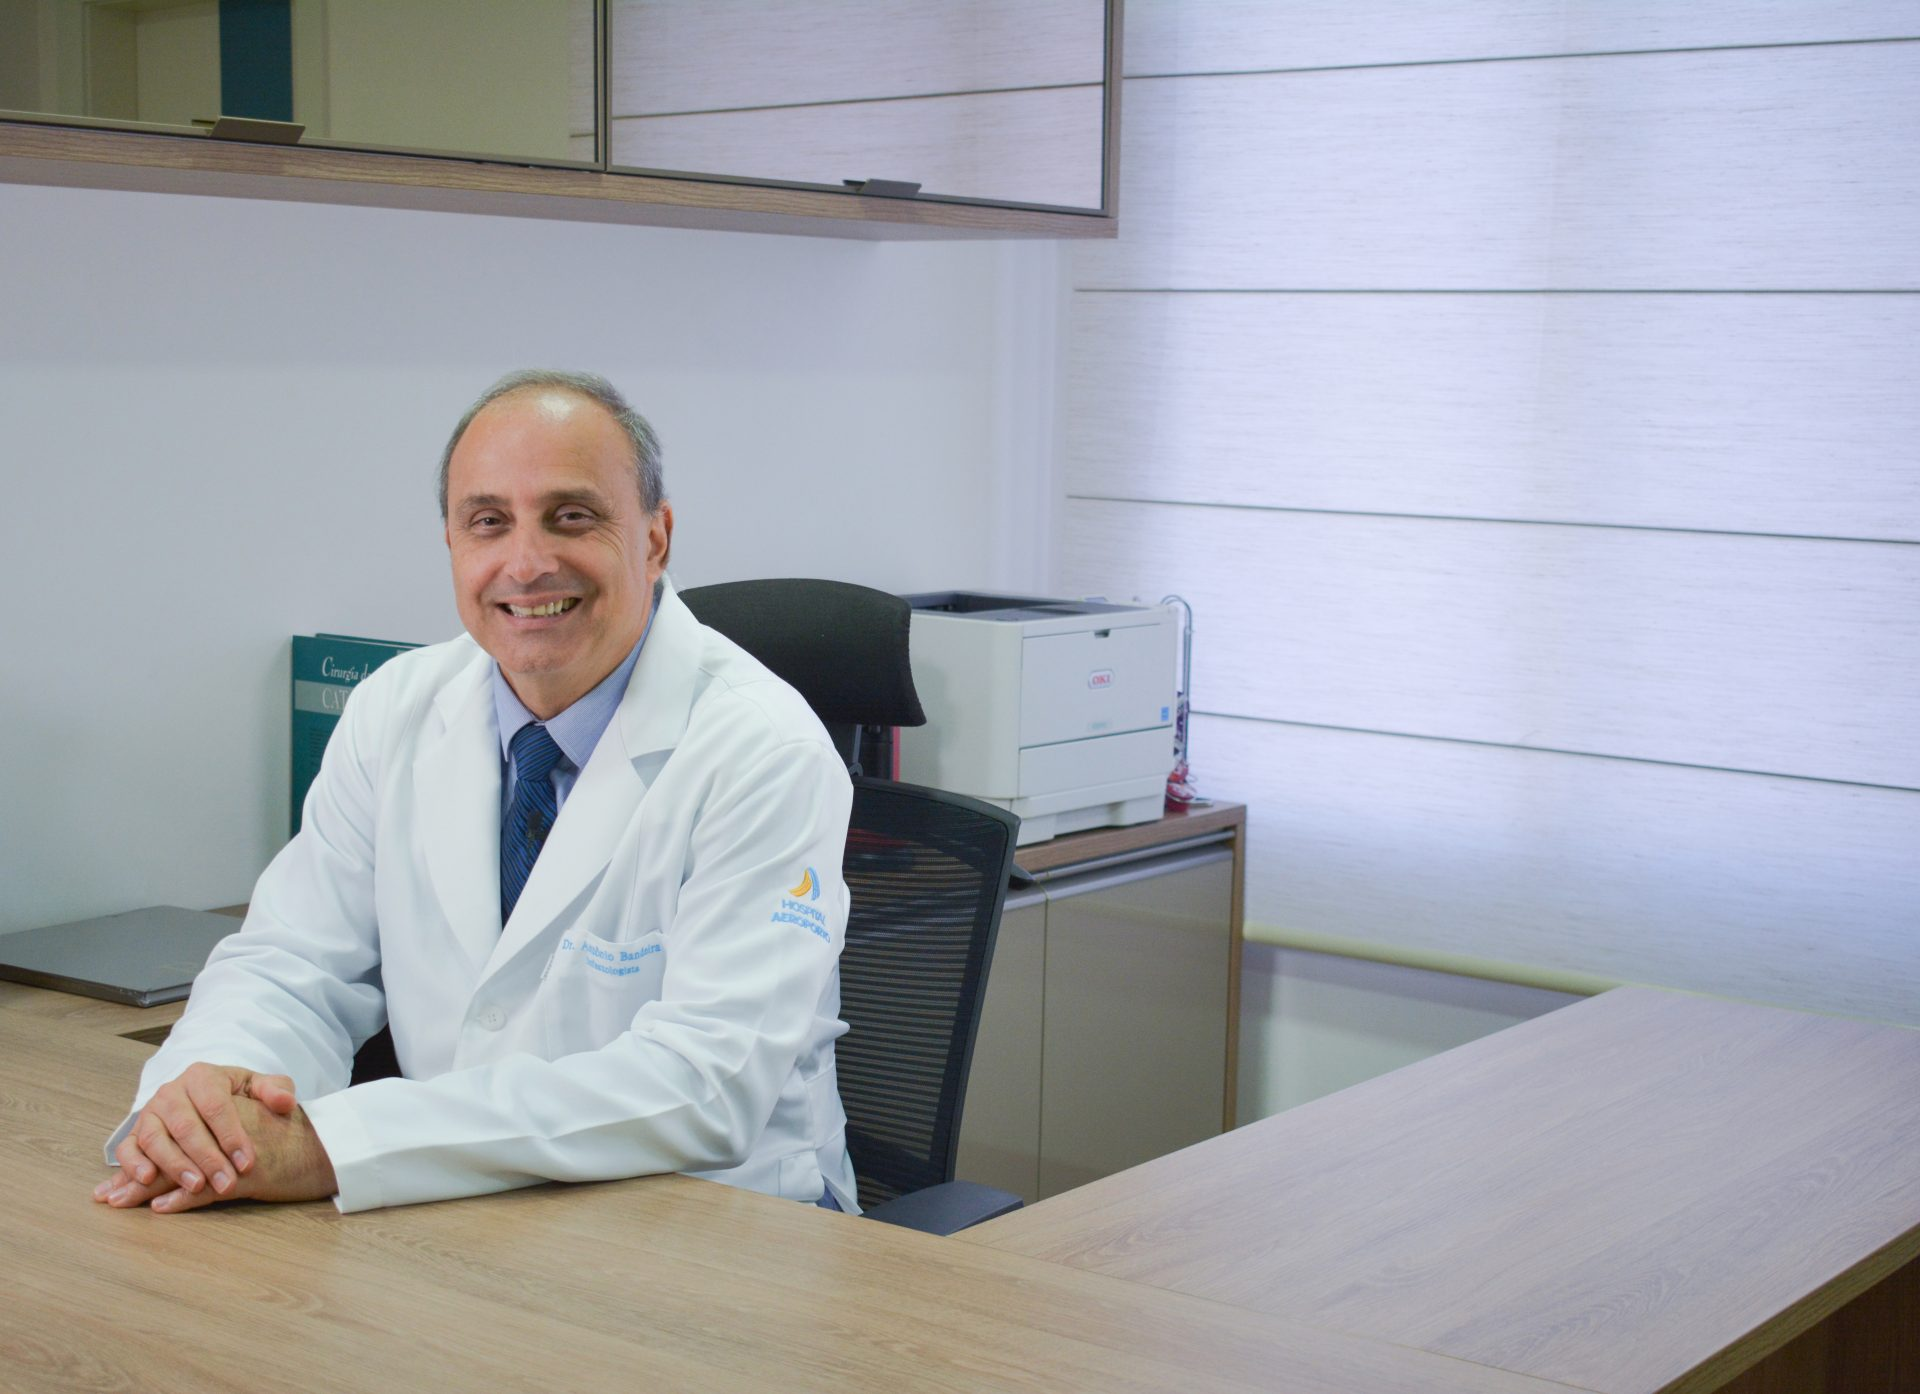 Hospital Aeroporto implanta Centro de Referência em Tratamento Dengue, Zika, Chikungunya e Febre Amarela